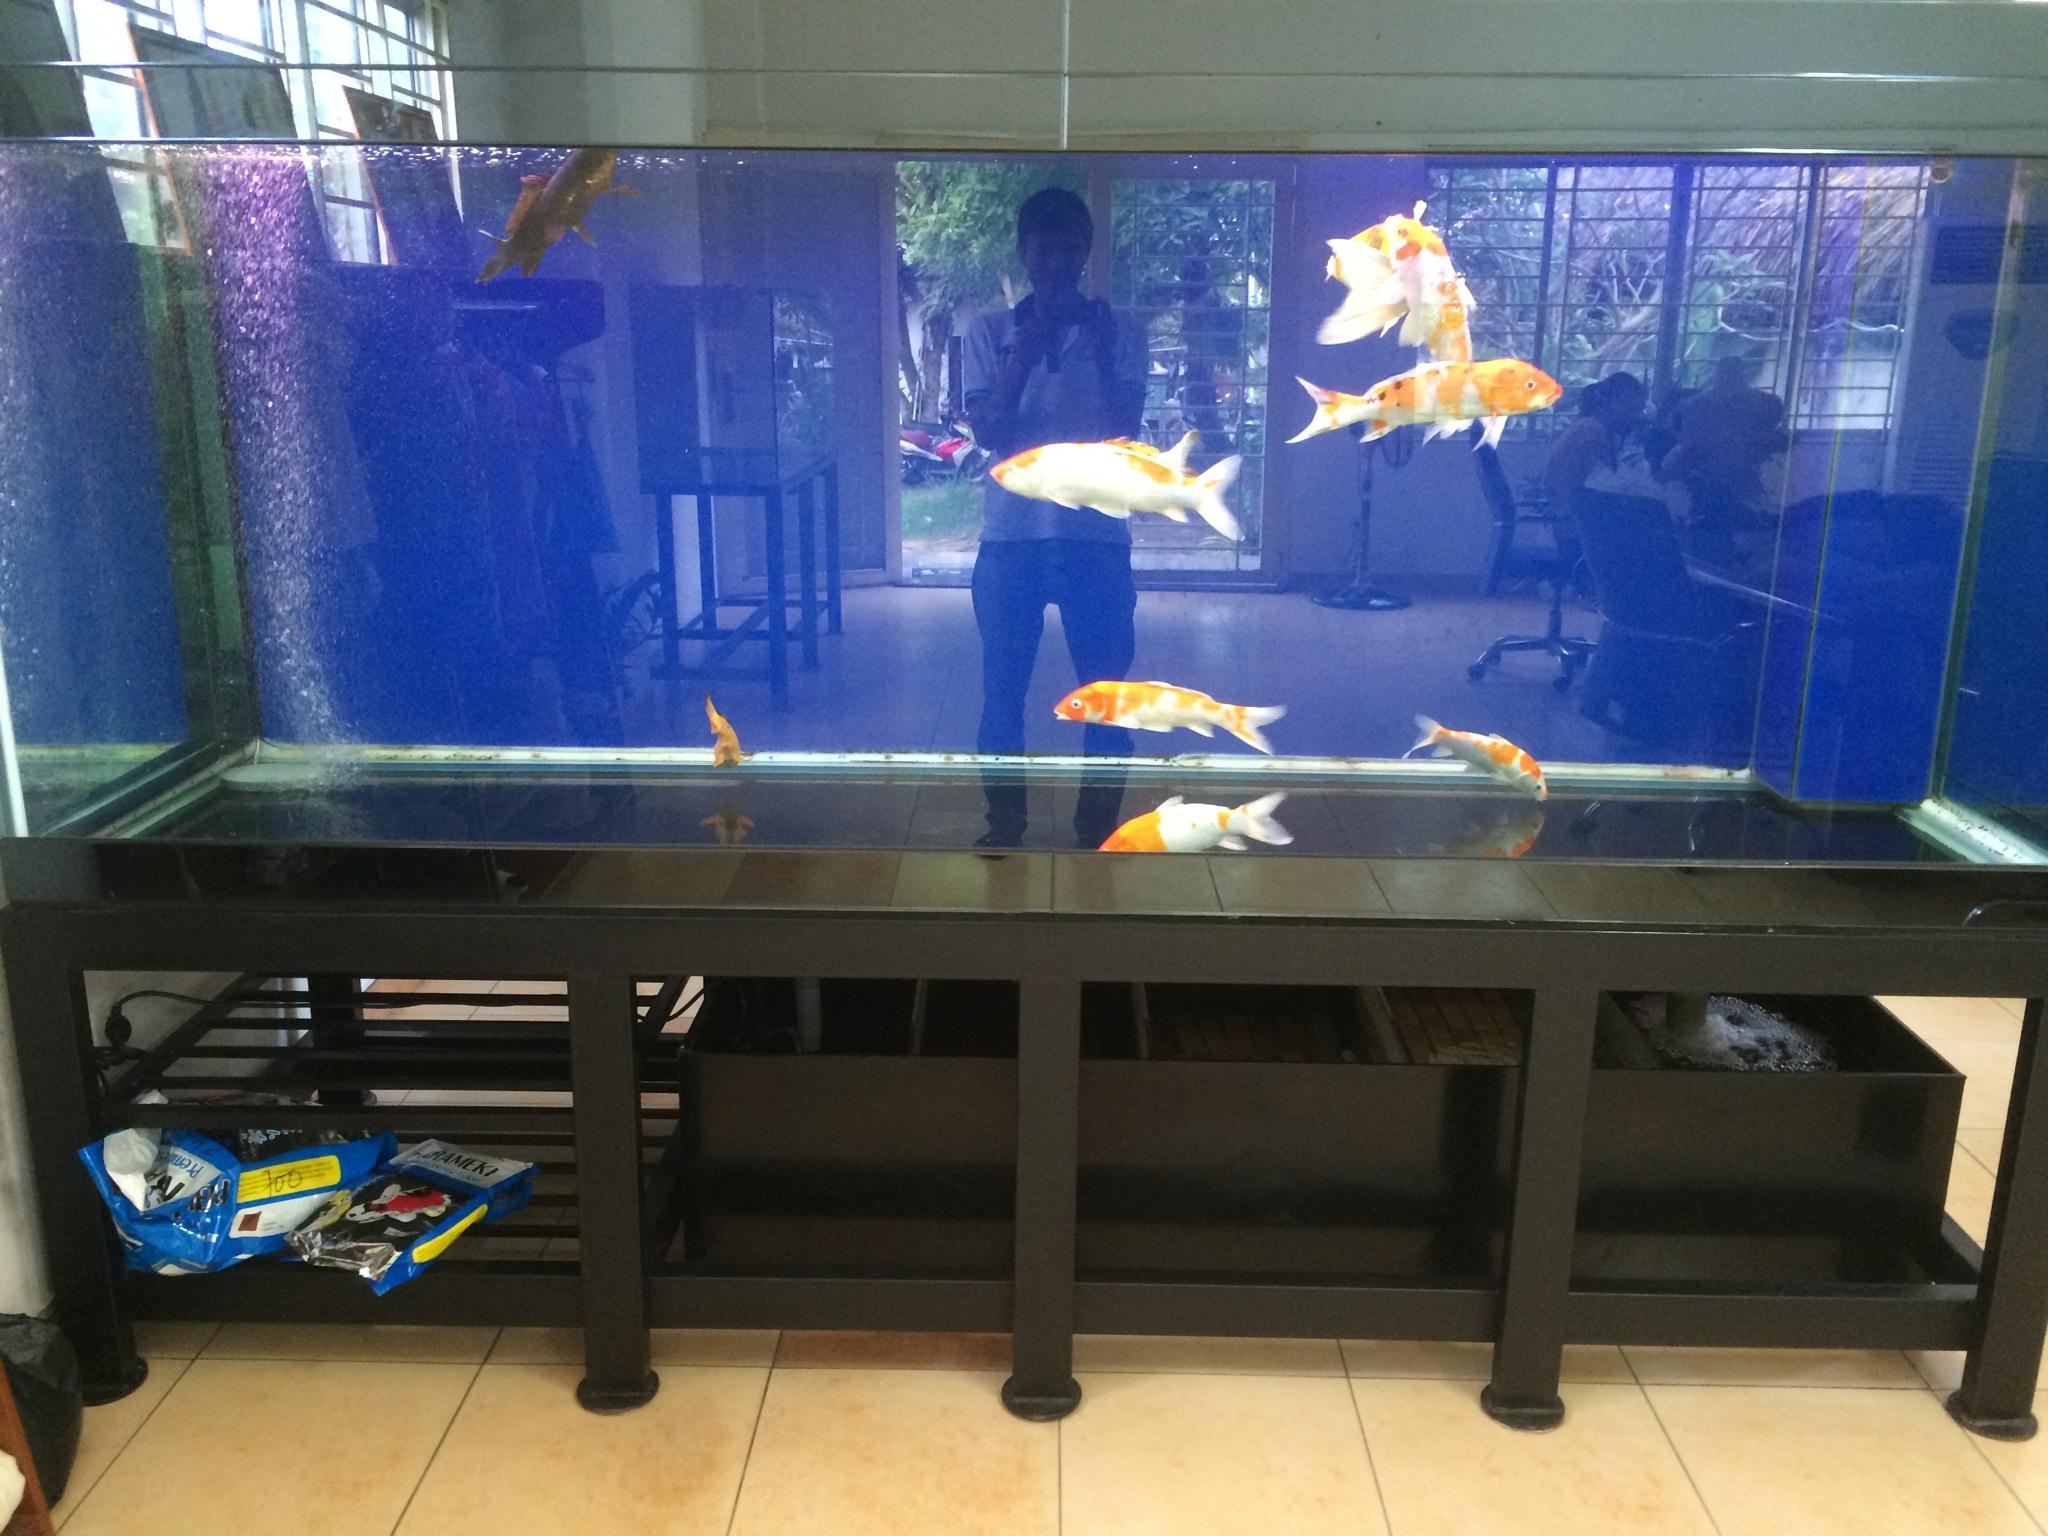 ho-ca-chep-koi-thu-duc-5643 Cần chú ý gì khi tiến hành lọc hồ cá chép Koi